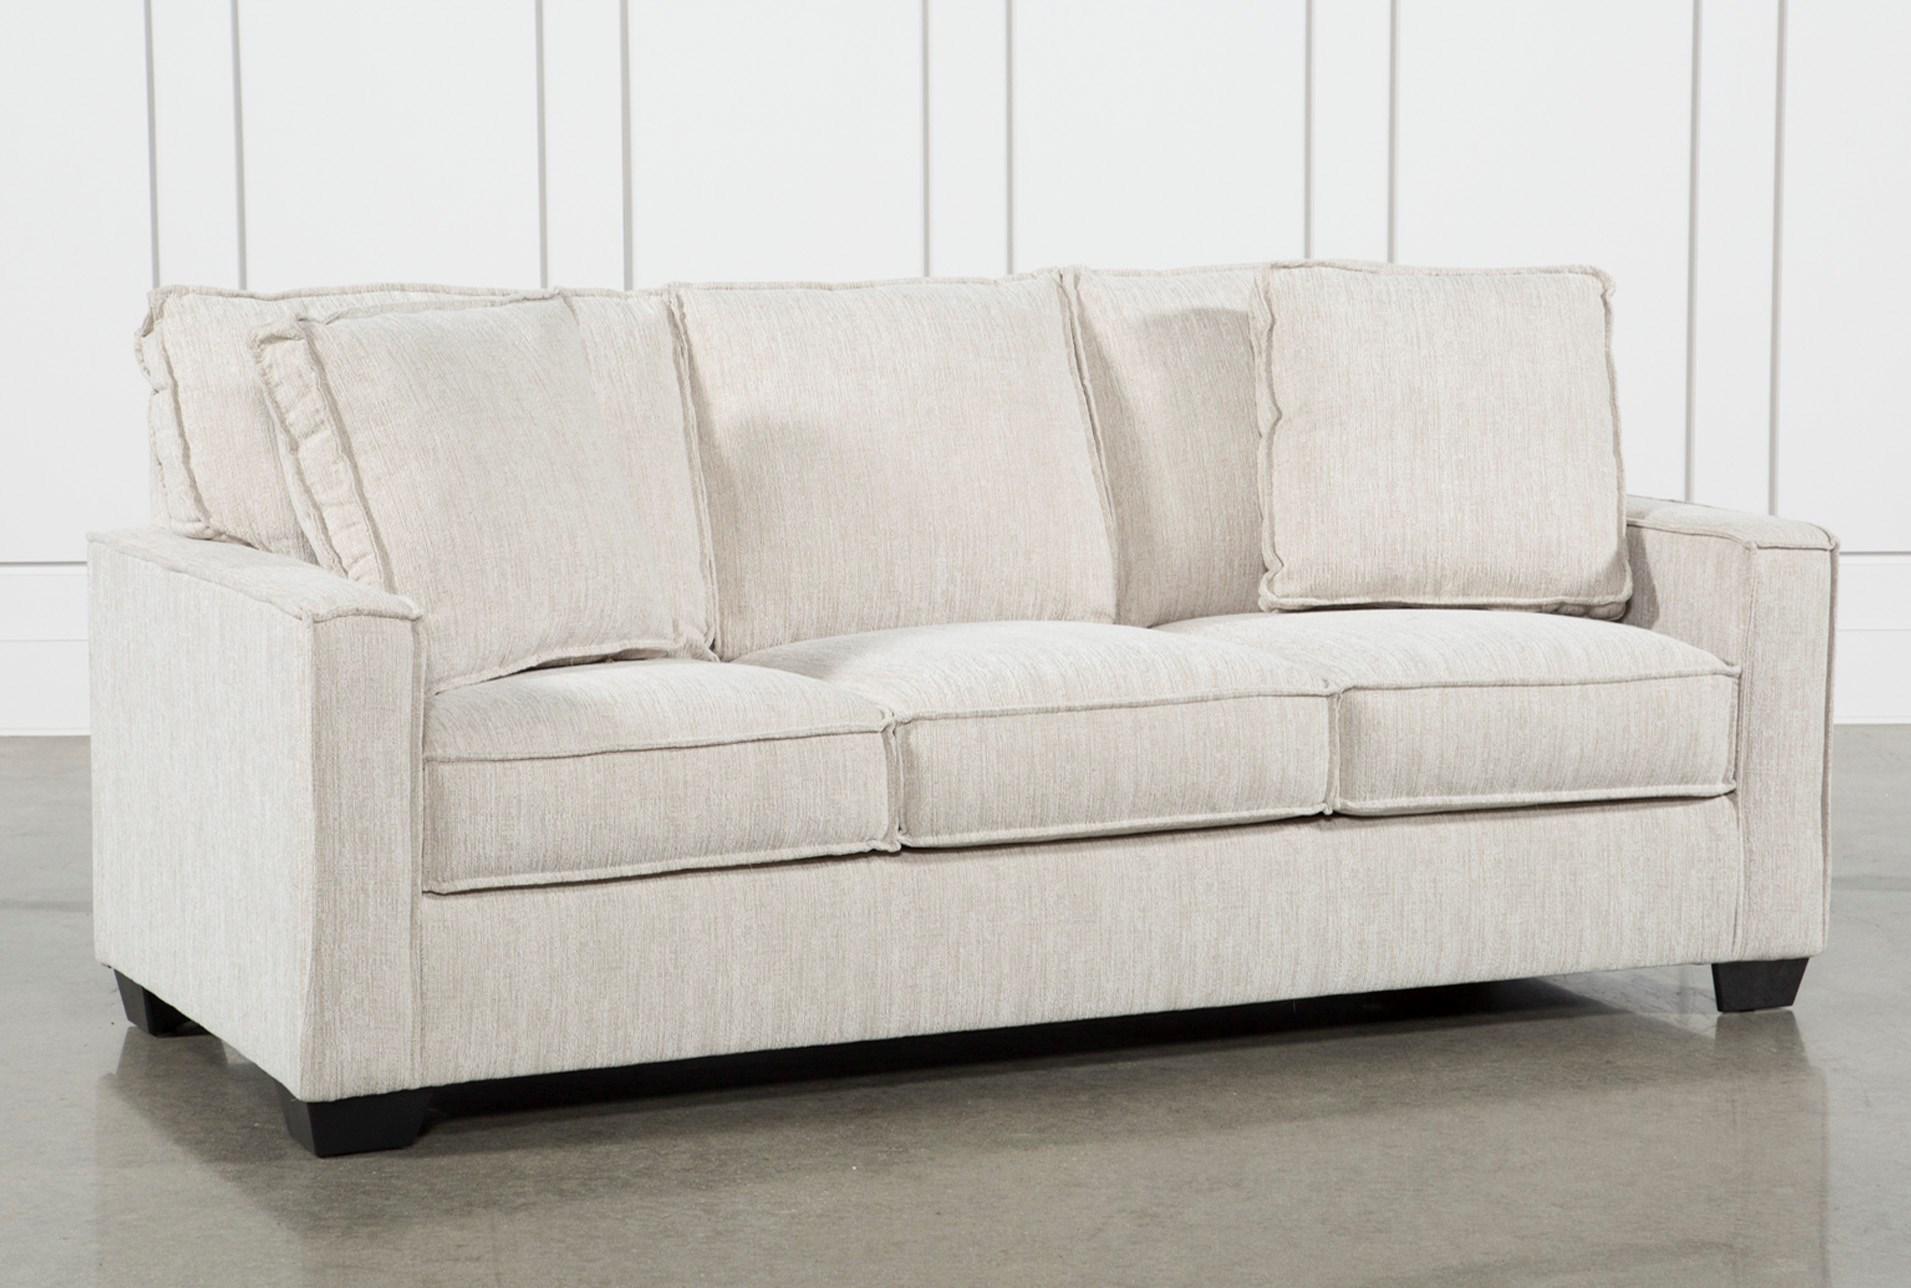 Words To Describe An Old Sofa | Brokeasshome.com